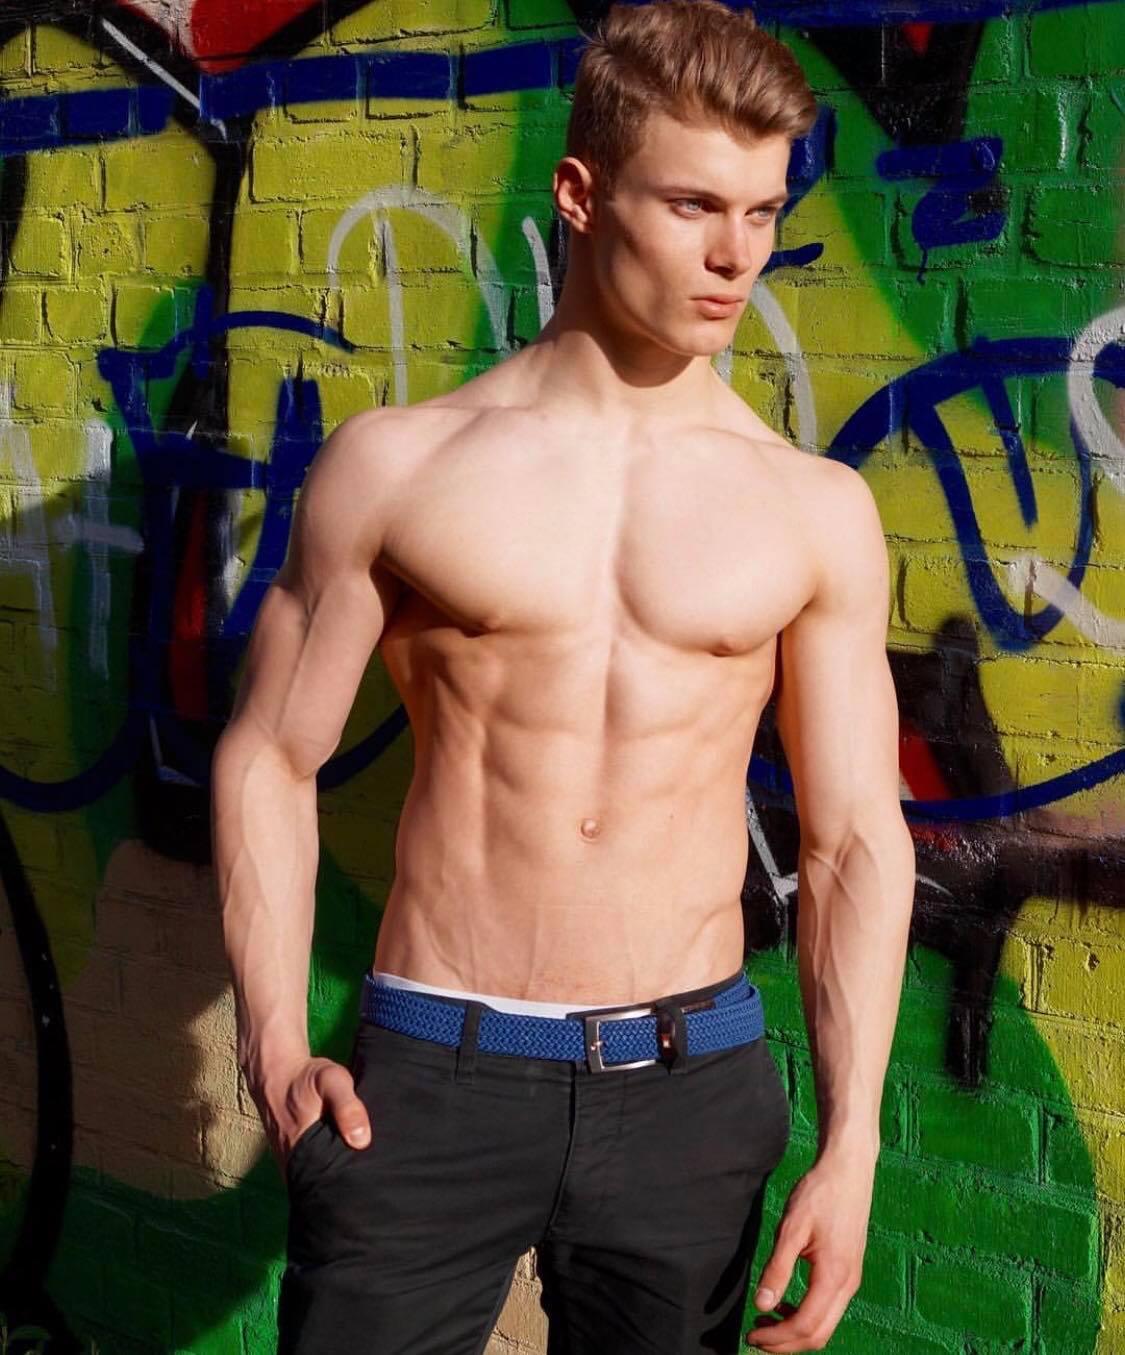 Wie kann man so ein Body schon mit 17 haben? (Sport